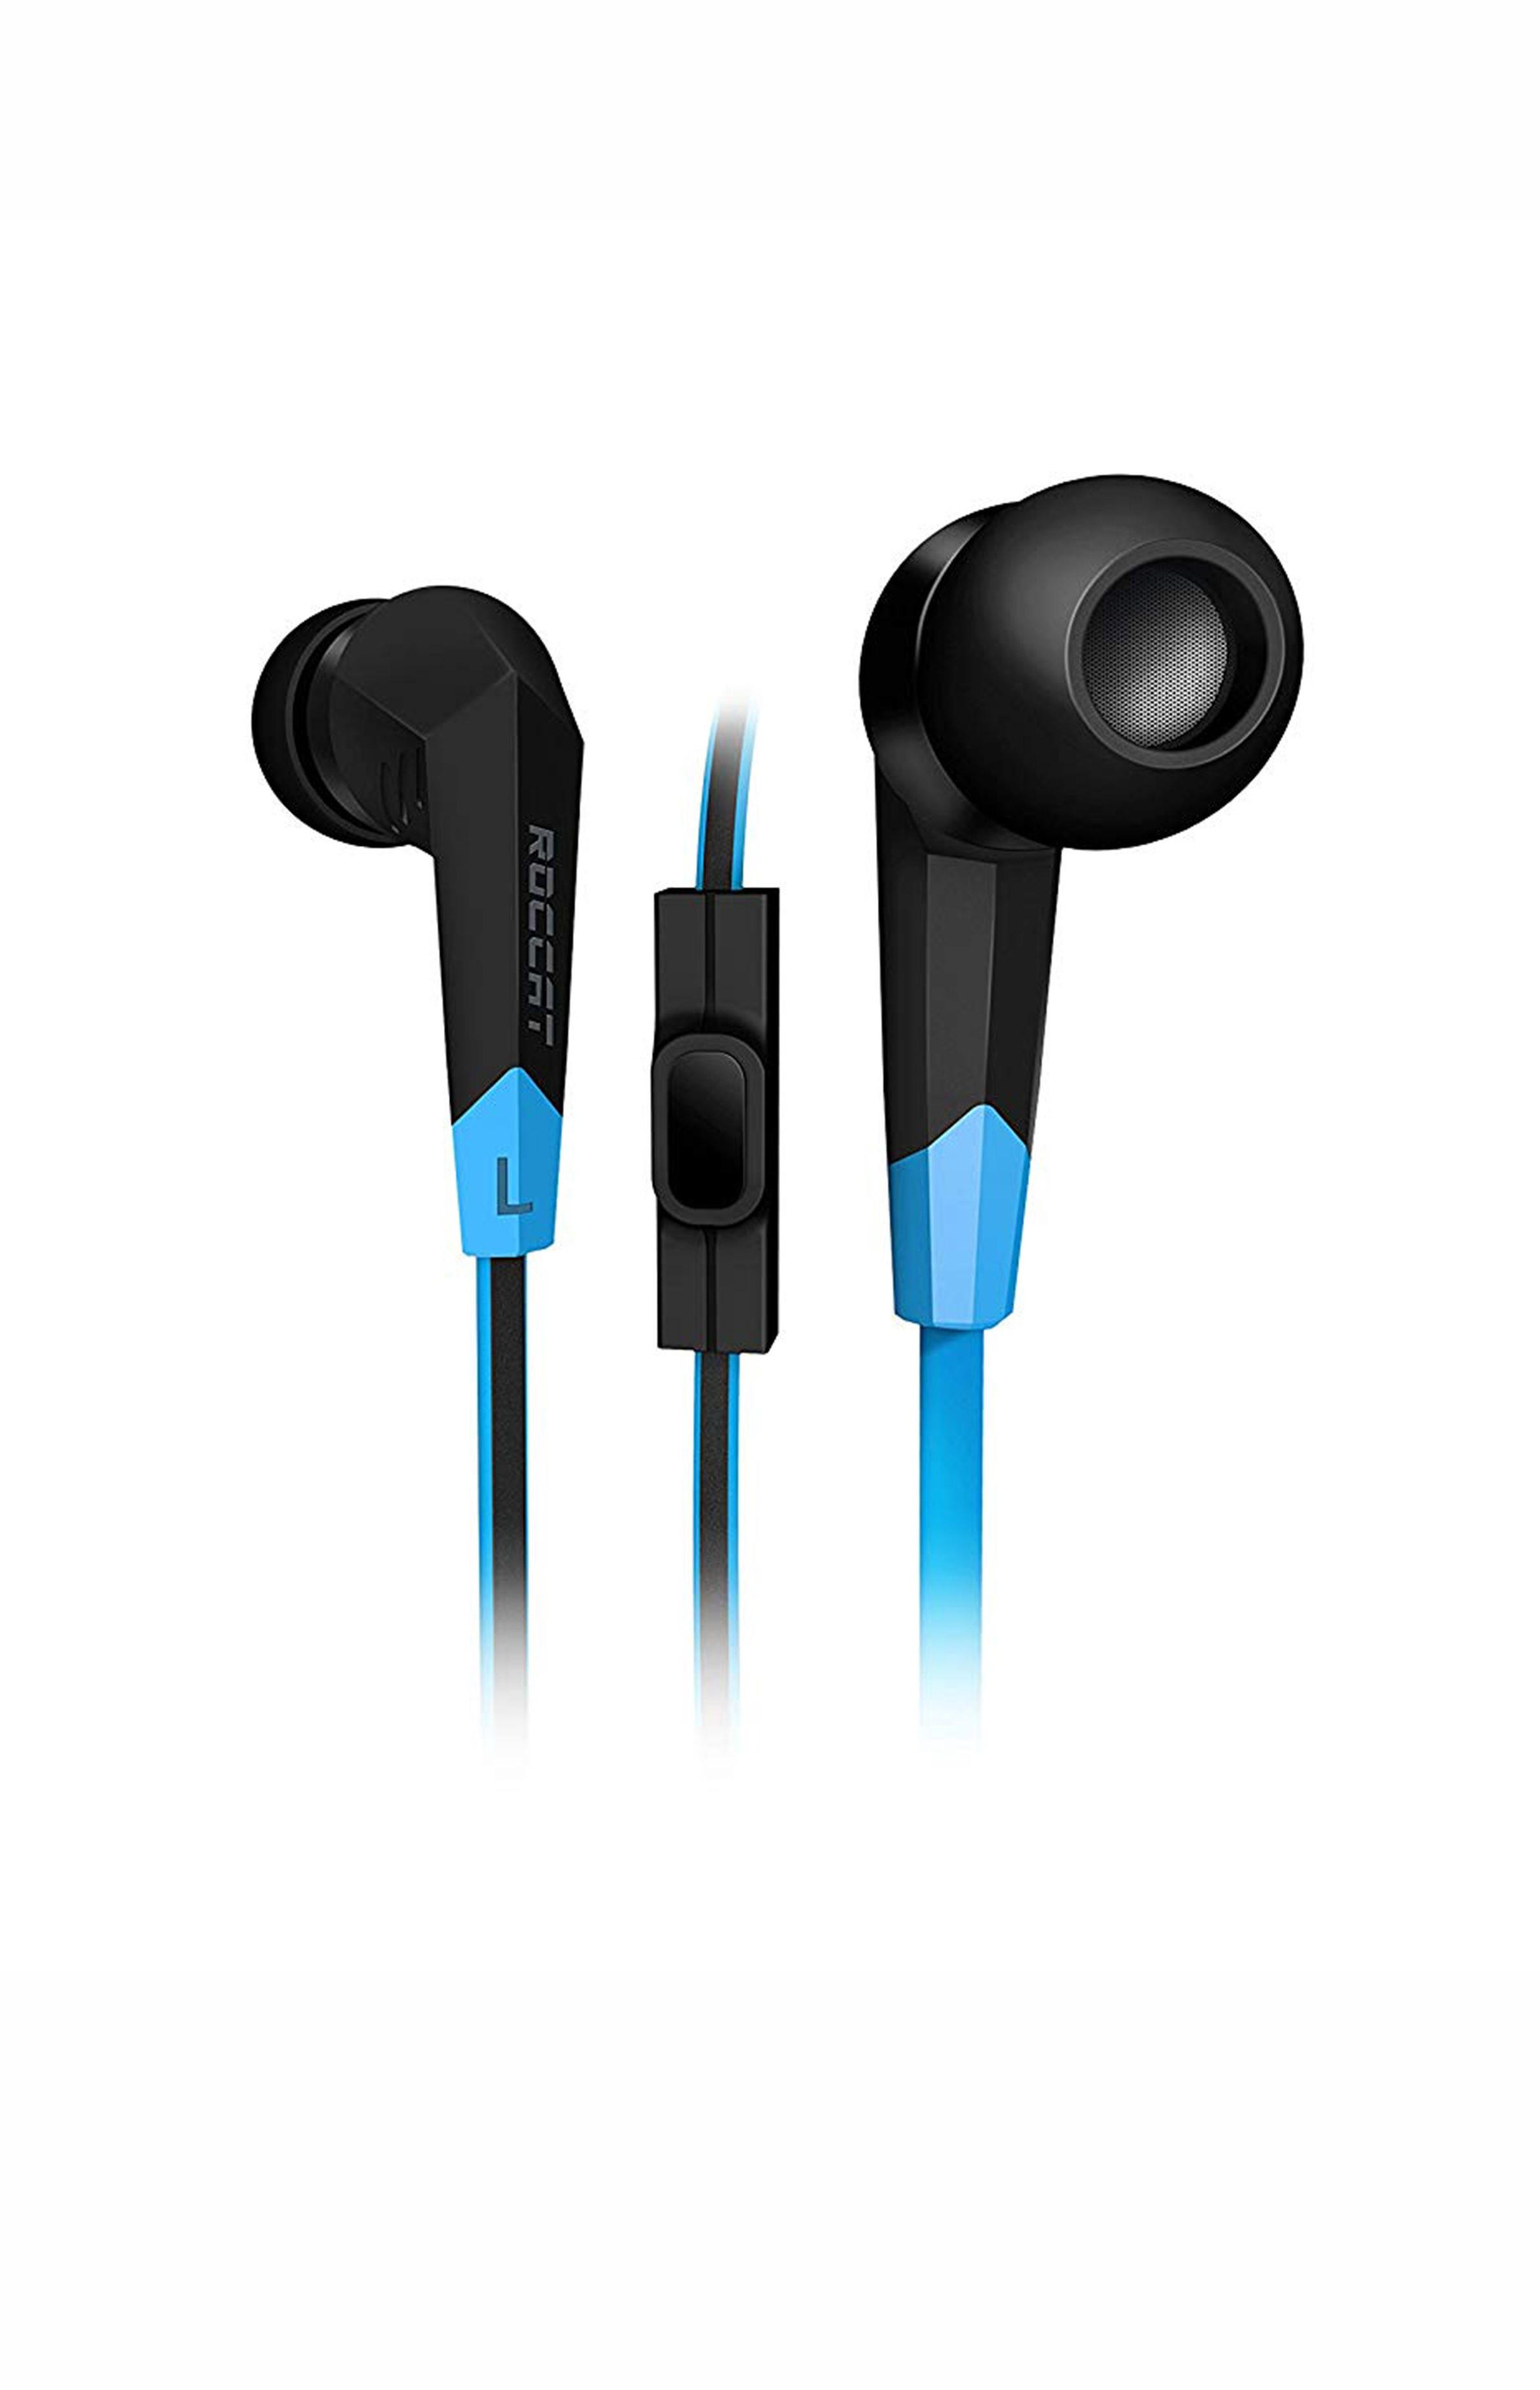 ROCCAT SYVA IN-EAR laidinės ausinės su mikrofonu | 3.5mm